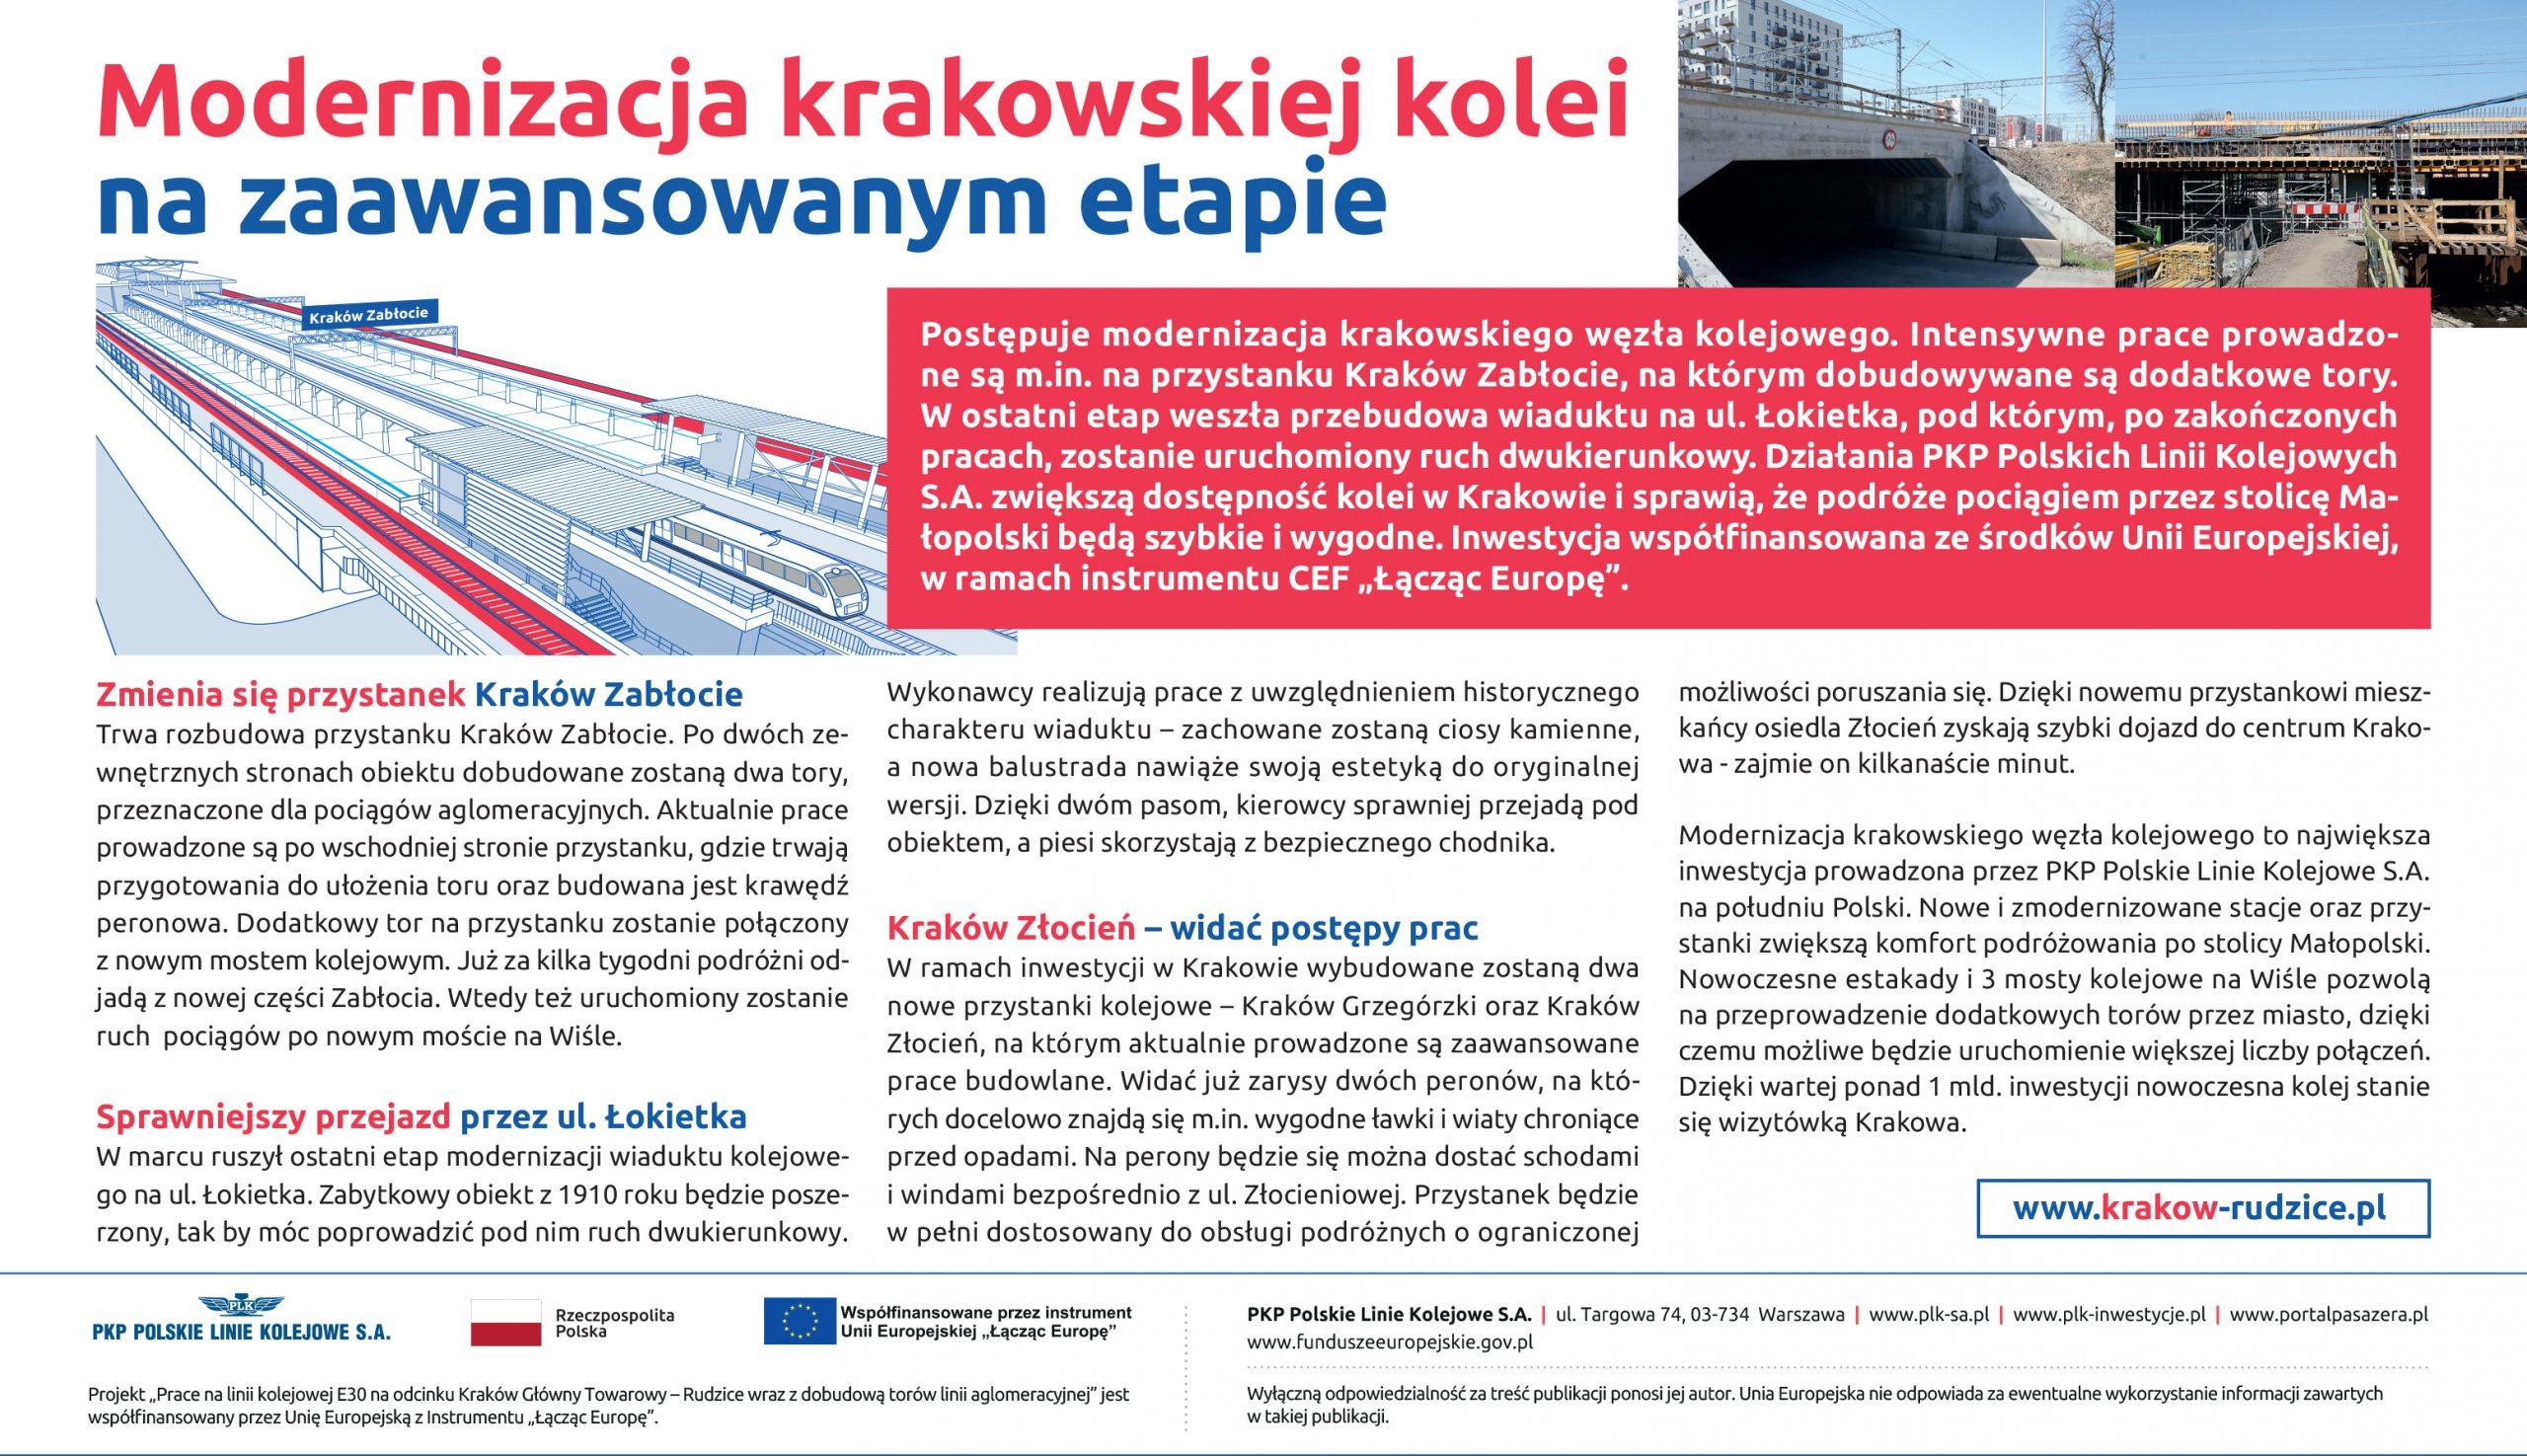 """Artykuł """"Modernizacja krakowskiej kolei na zaawansowanym etapie"""" opublikowany w Gazecie Krakowskiej i Dzienniku Polskim 28 kwietnia 2020 r."""